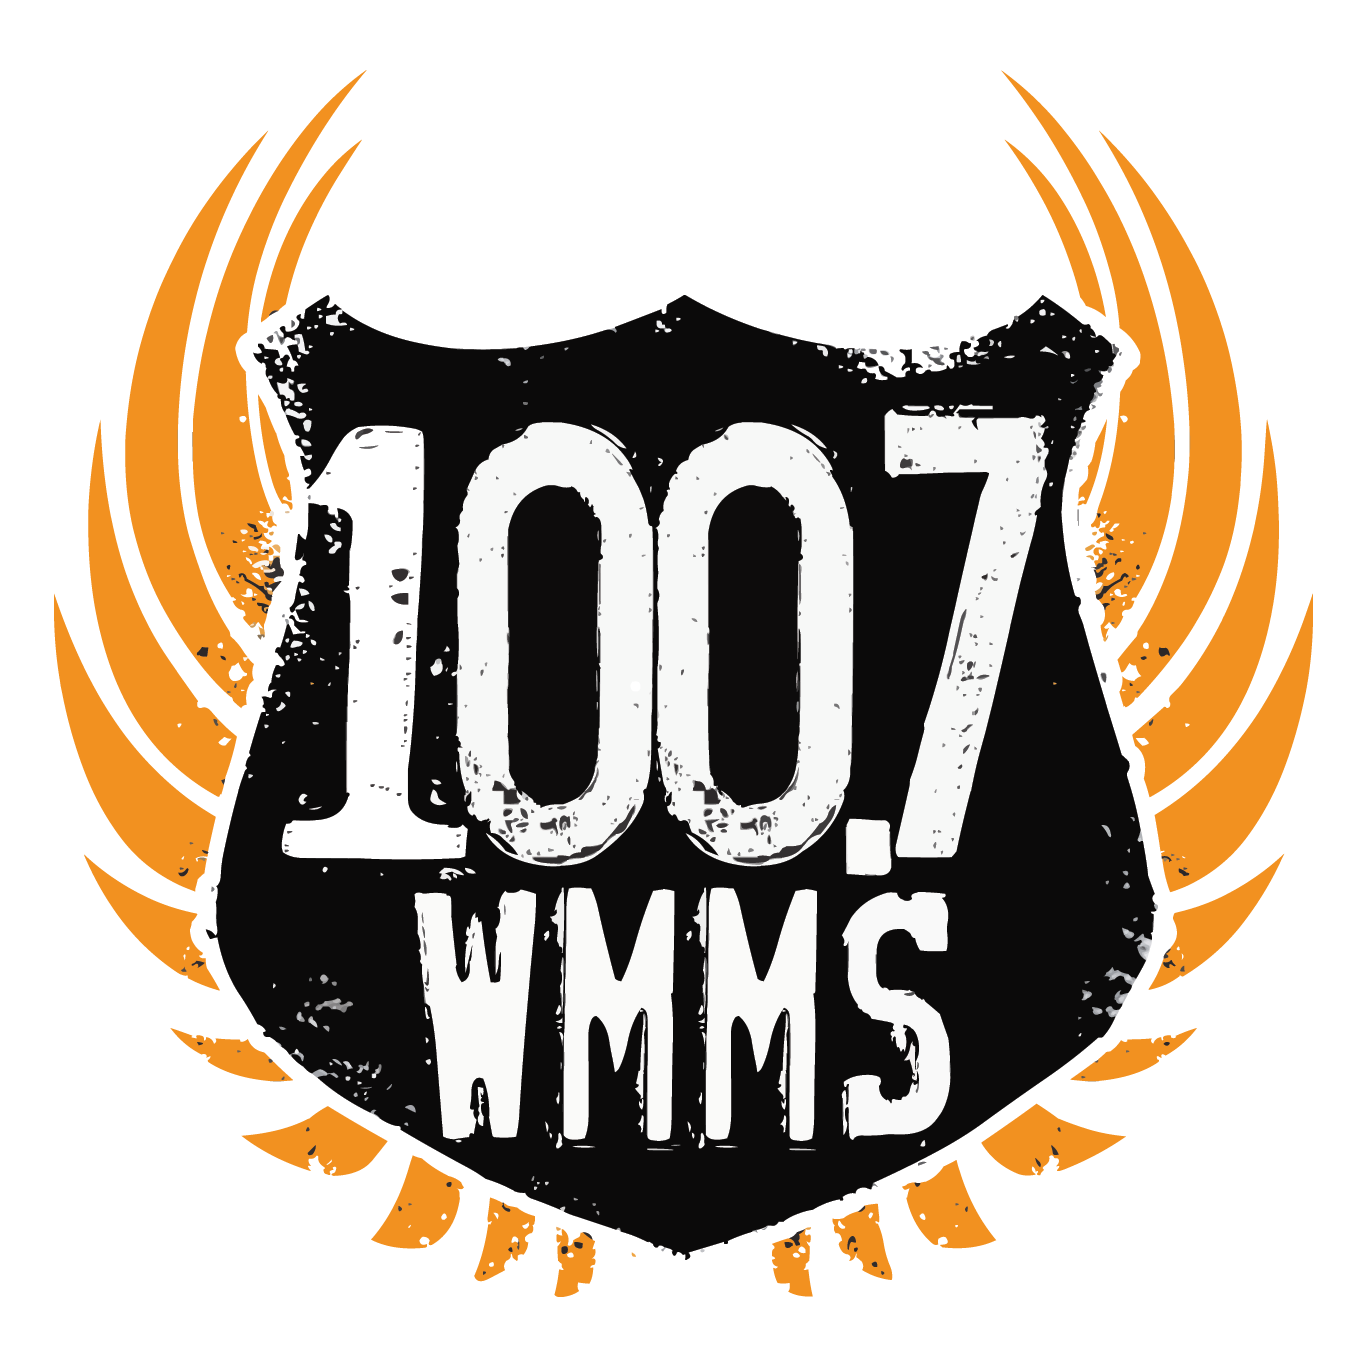 100.7 wmms playlist